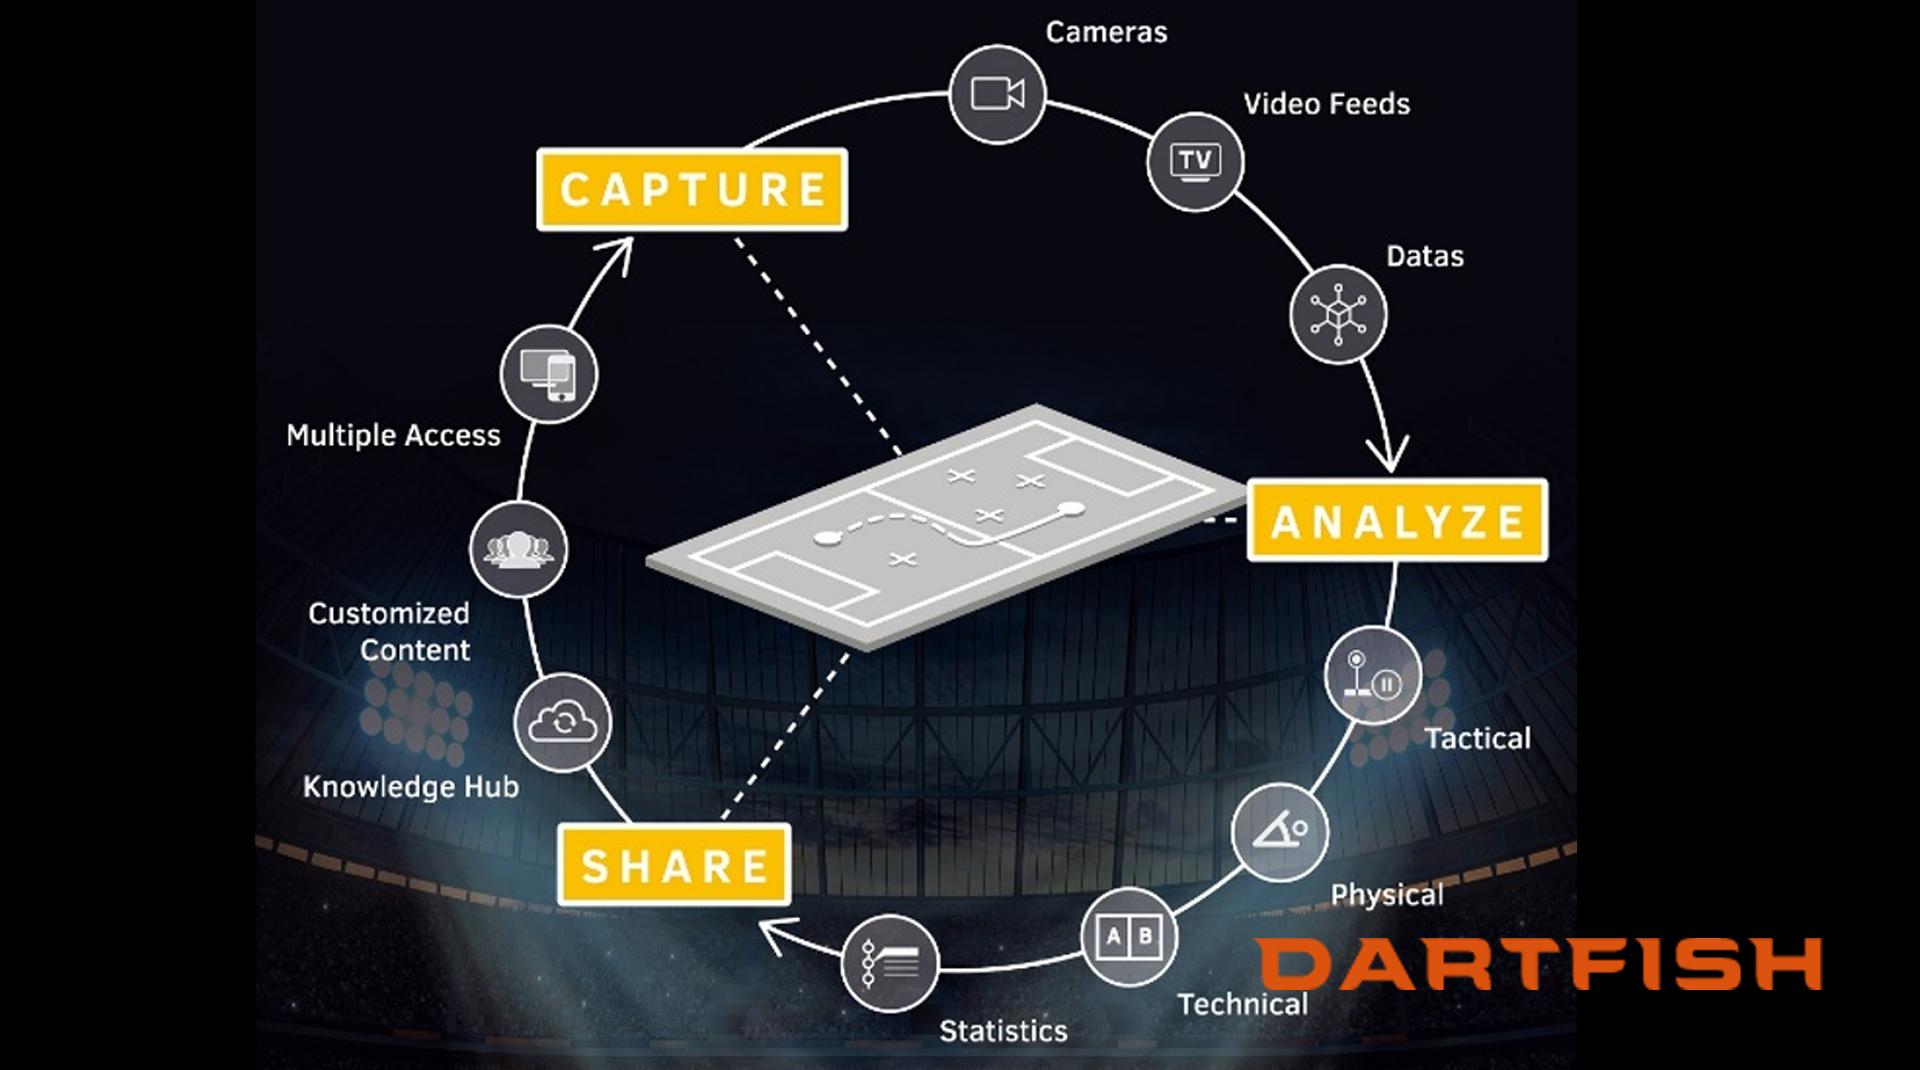 ダートフィッシュは「撮影、分析、共有」と分析に必要なことが全てできるトータルソリューションです。